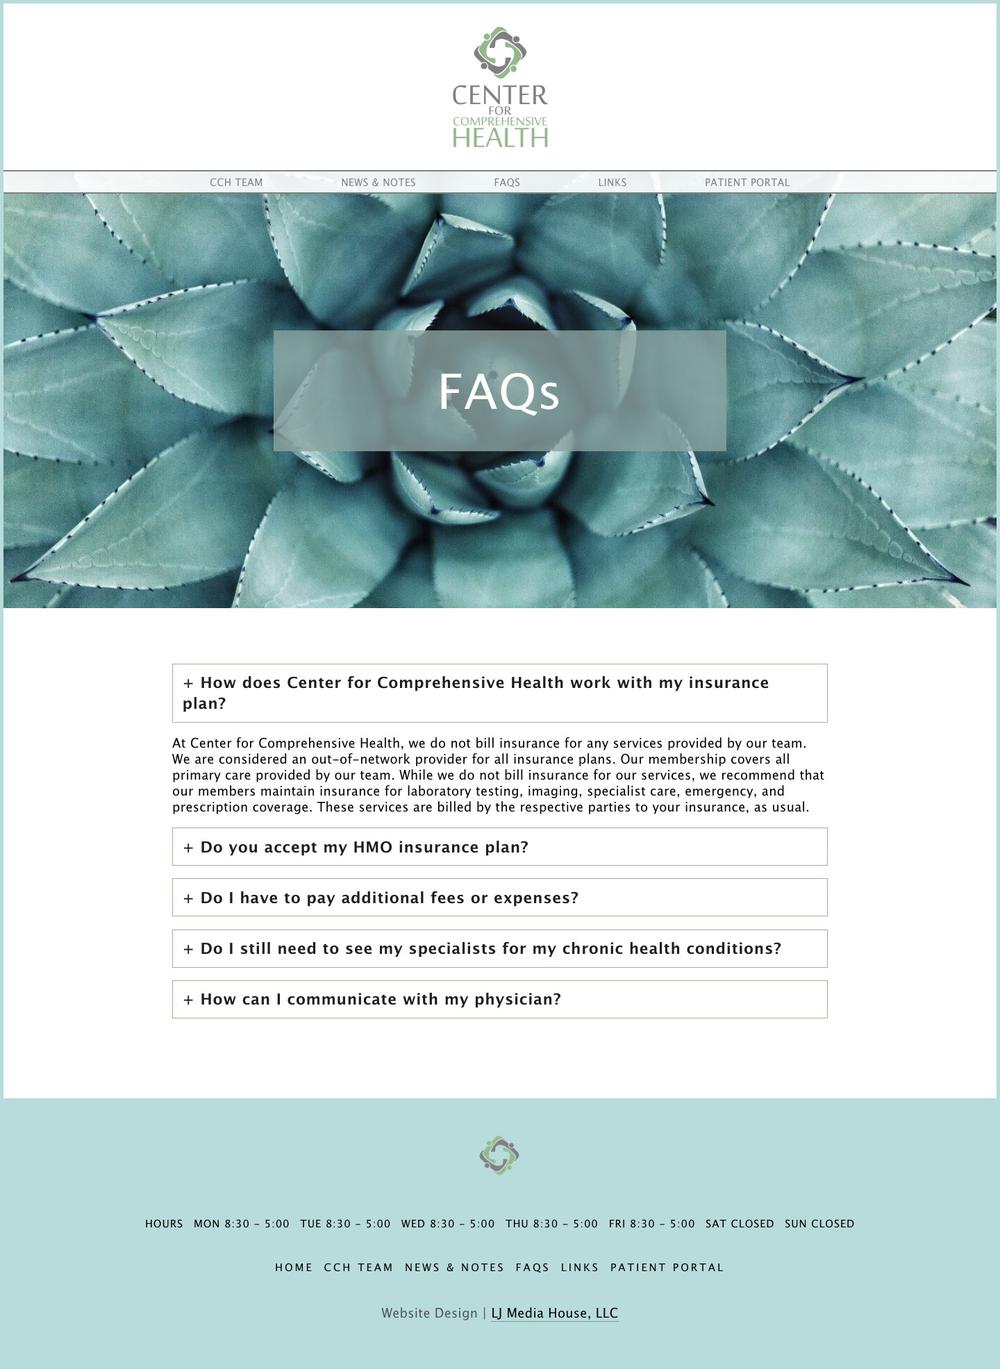 CCH FAQ.png